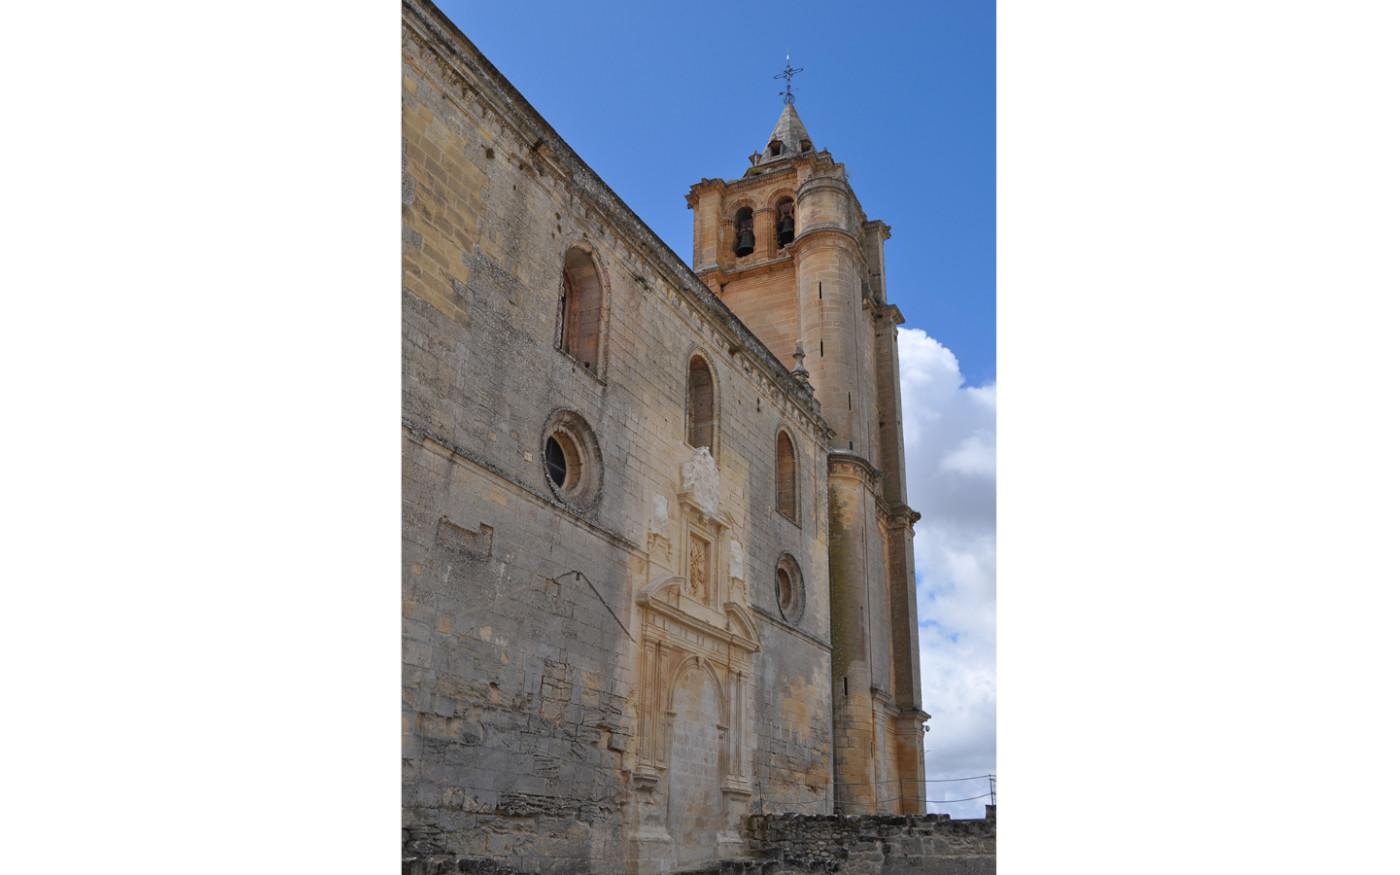 castillo_de_la_mota_alcala_la_realhuerta_pequena_self catering_holiday_accommodation_Montefrio_www.rural-andalucia.com